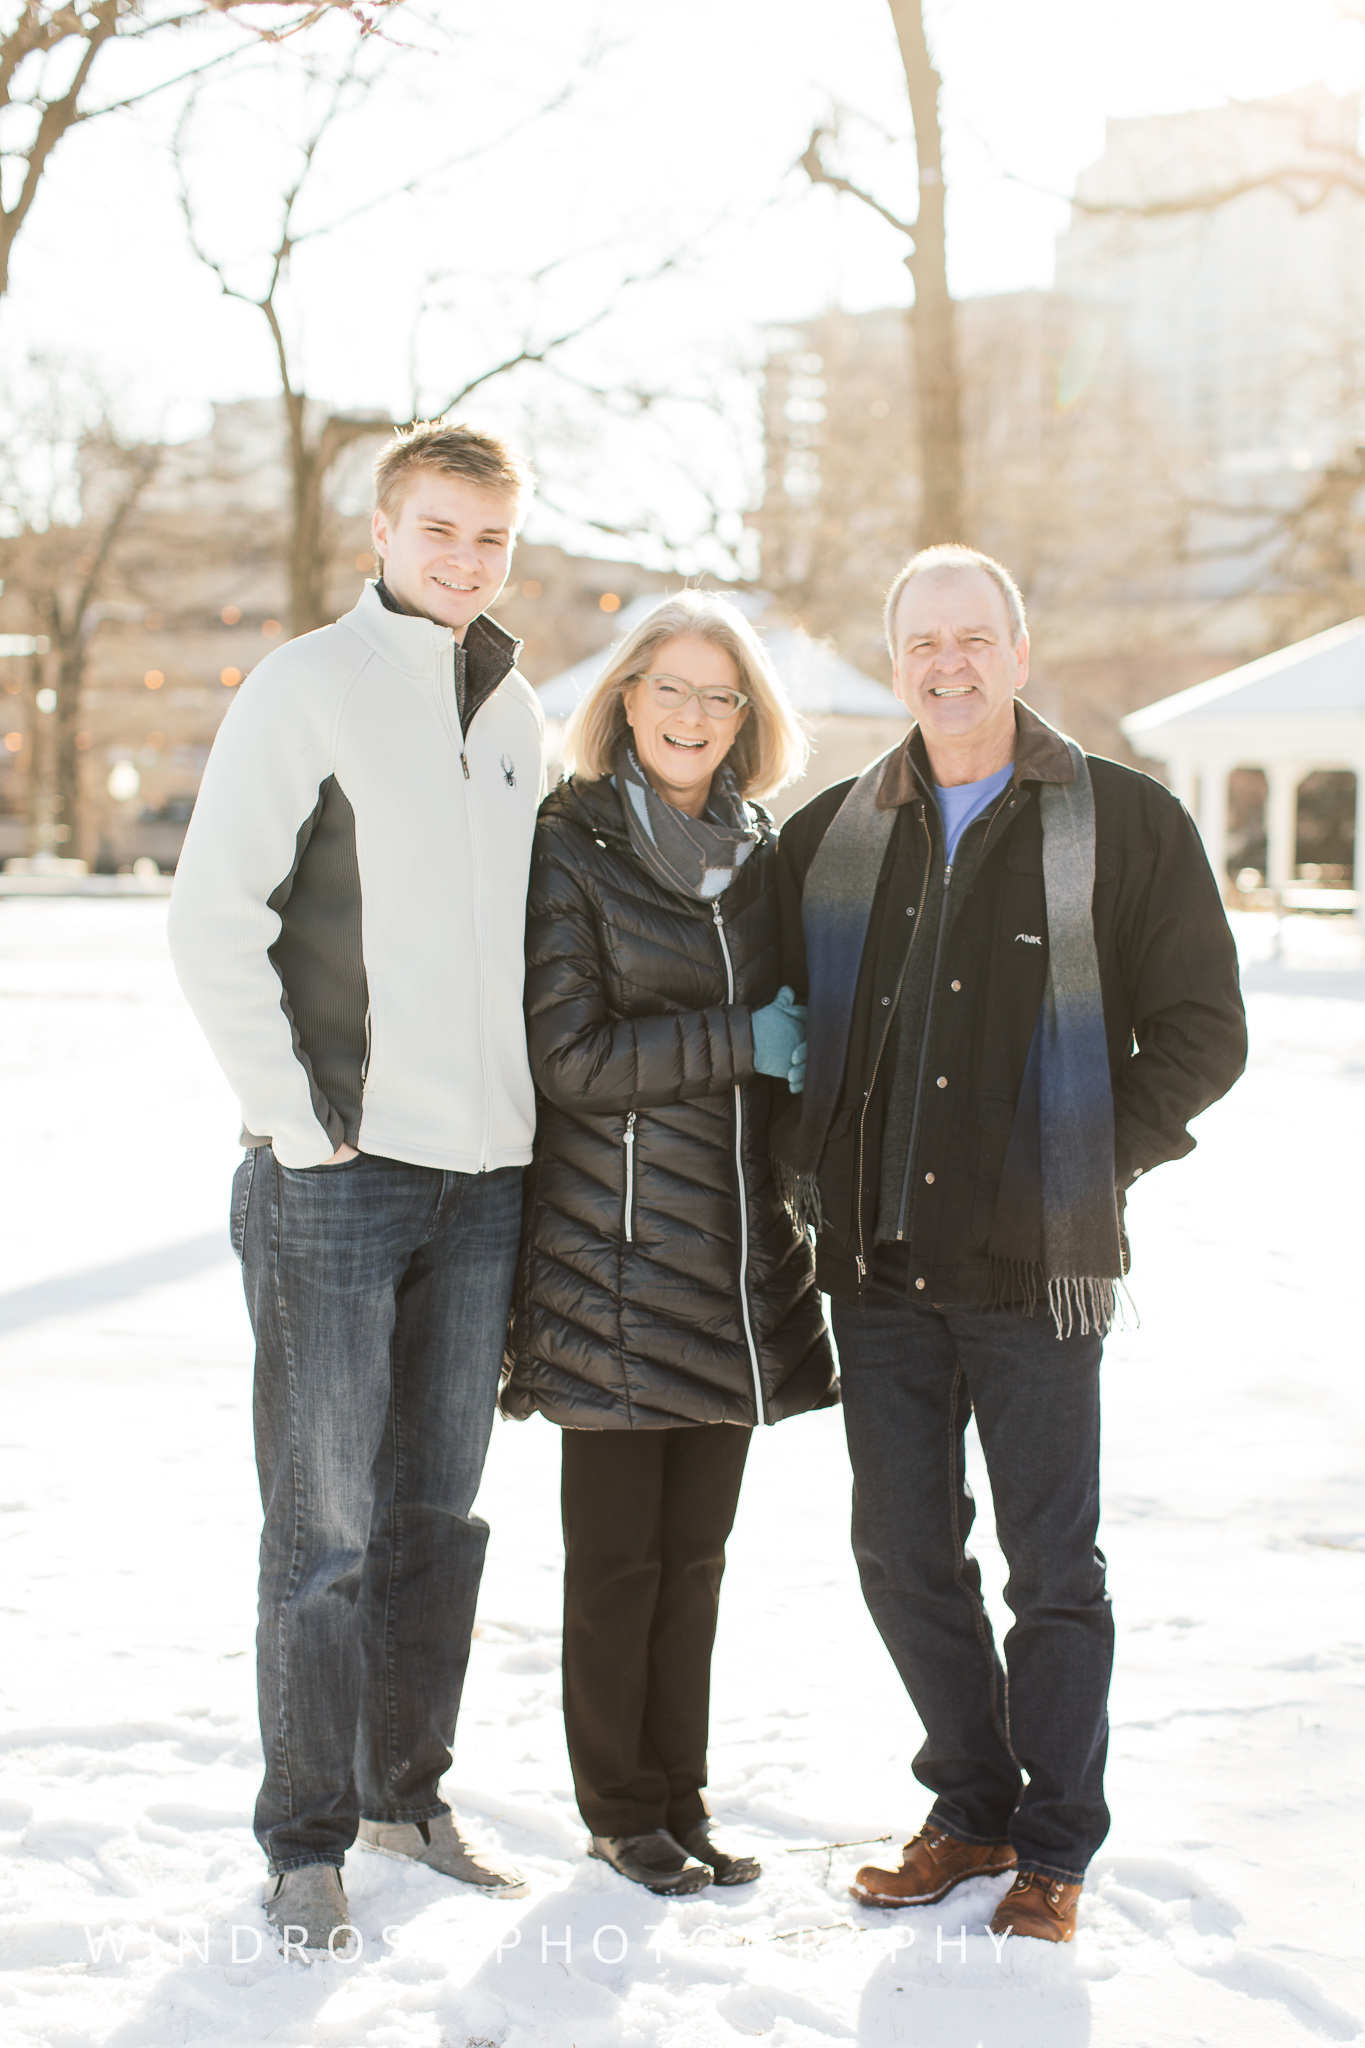 Central-Park-Rochester-Family-Portrait-1.jpg